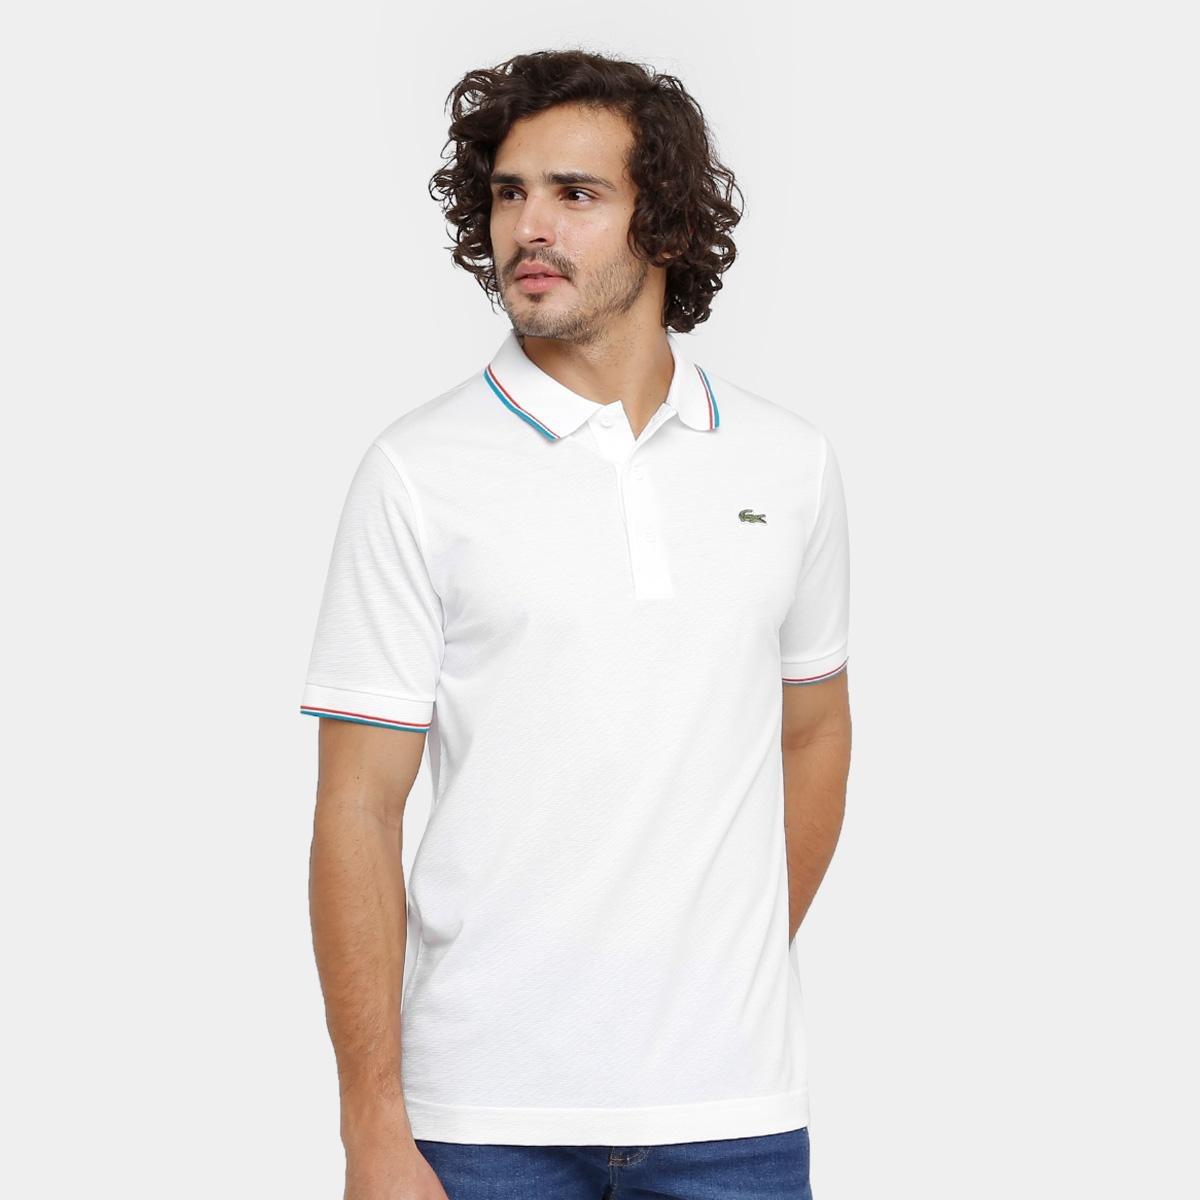 b467b810314 Camisa Polo Lacoste Bordada Masculina - Branco e Azul Claro - Compre Agora